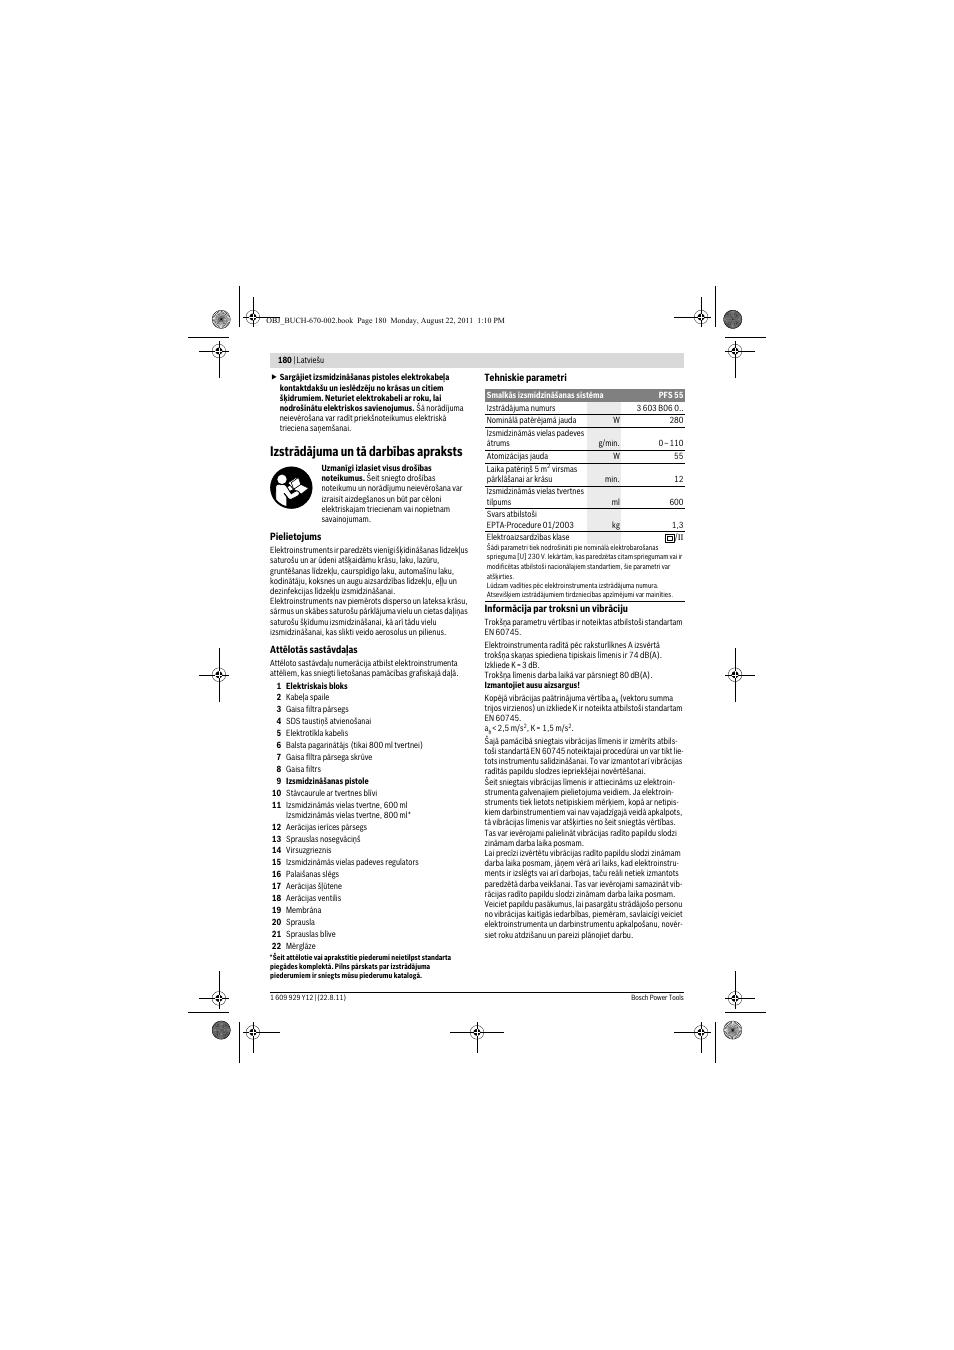 Инструкция по эксплуатации / работа с инструментом краскопульт.